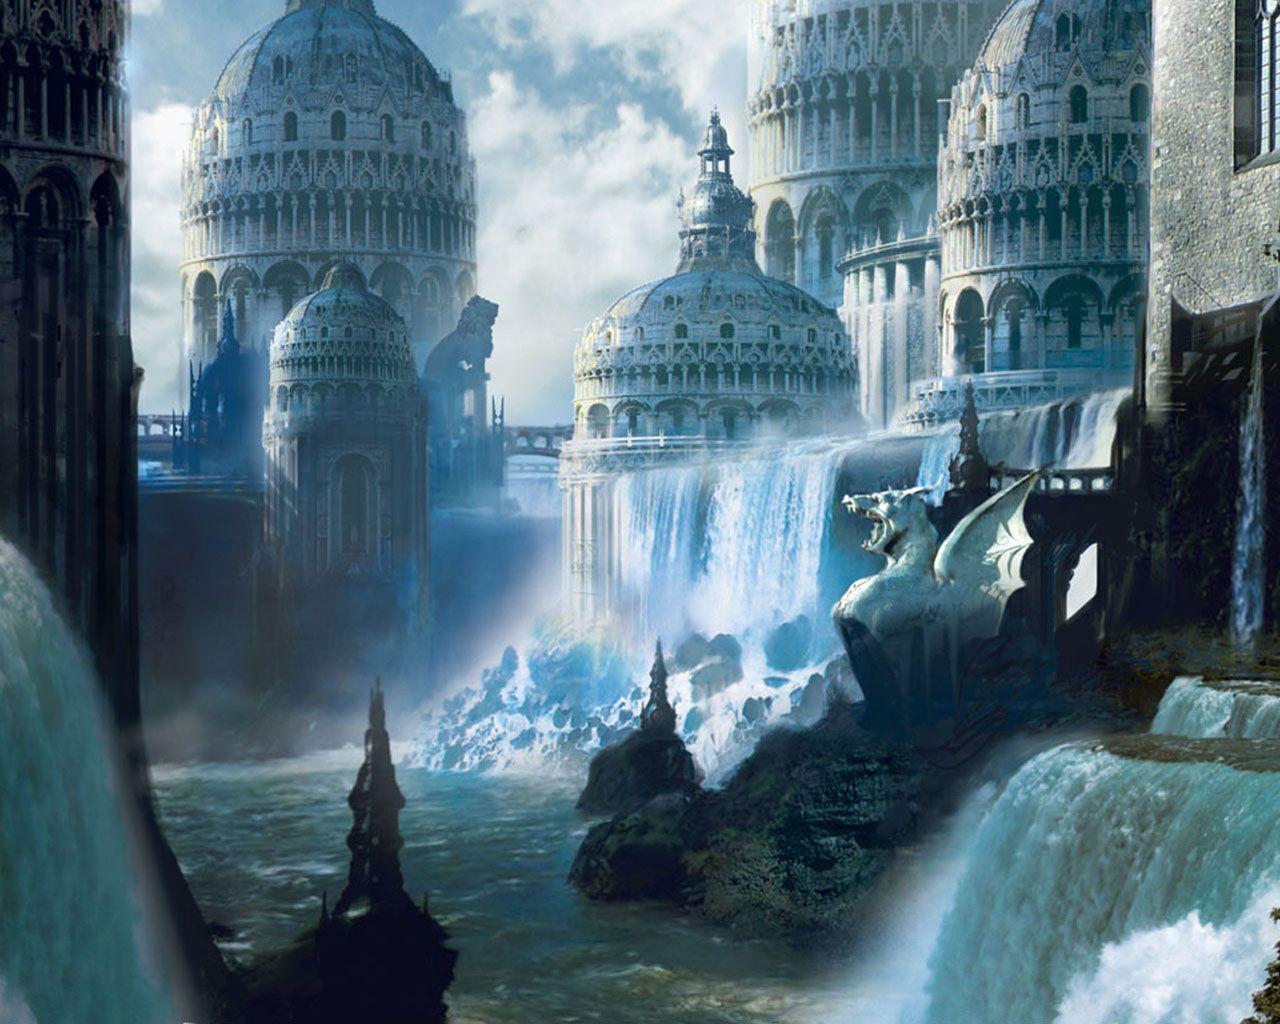 Fantasy Reading Fantasy Fantasy City And Cities